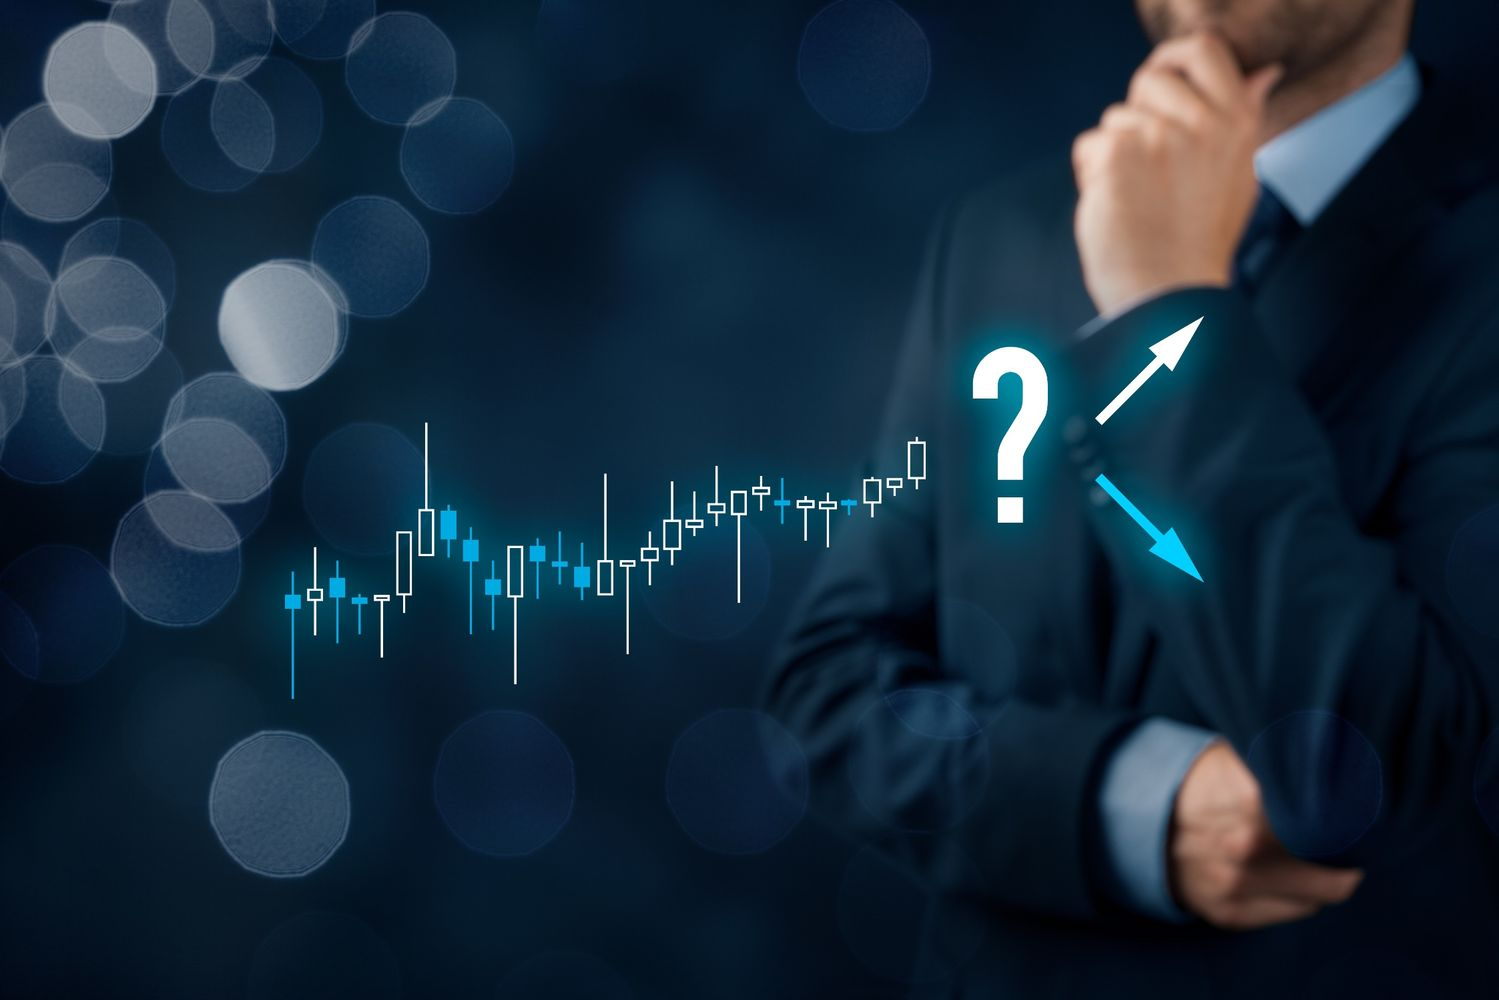 ¿Está prestando atención a los riesgos correctos?